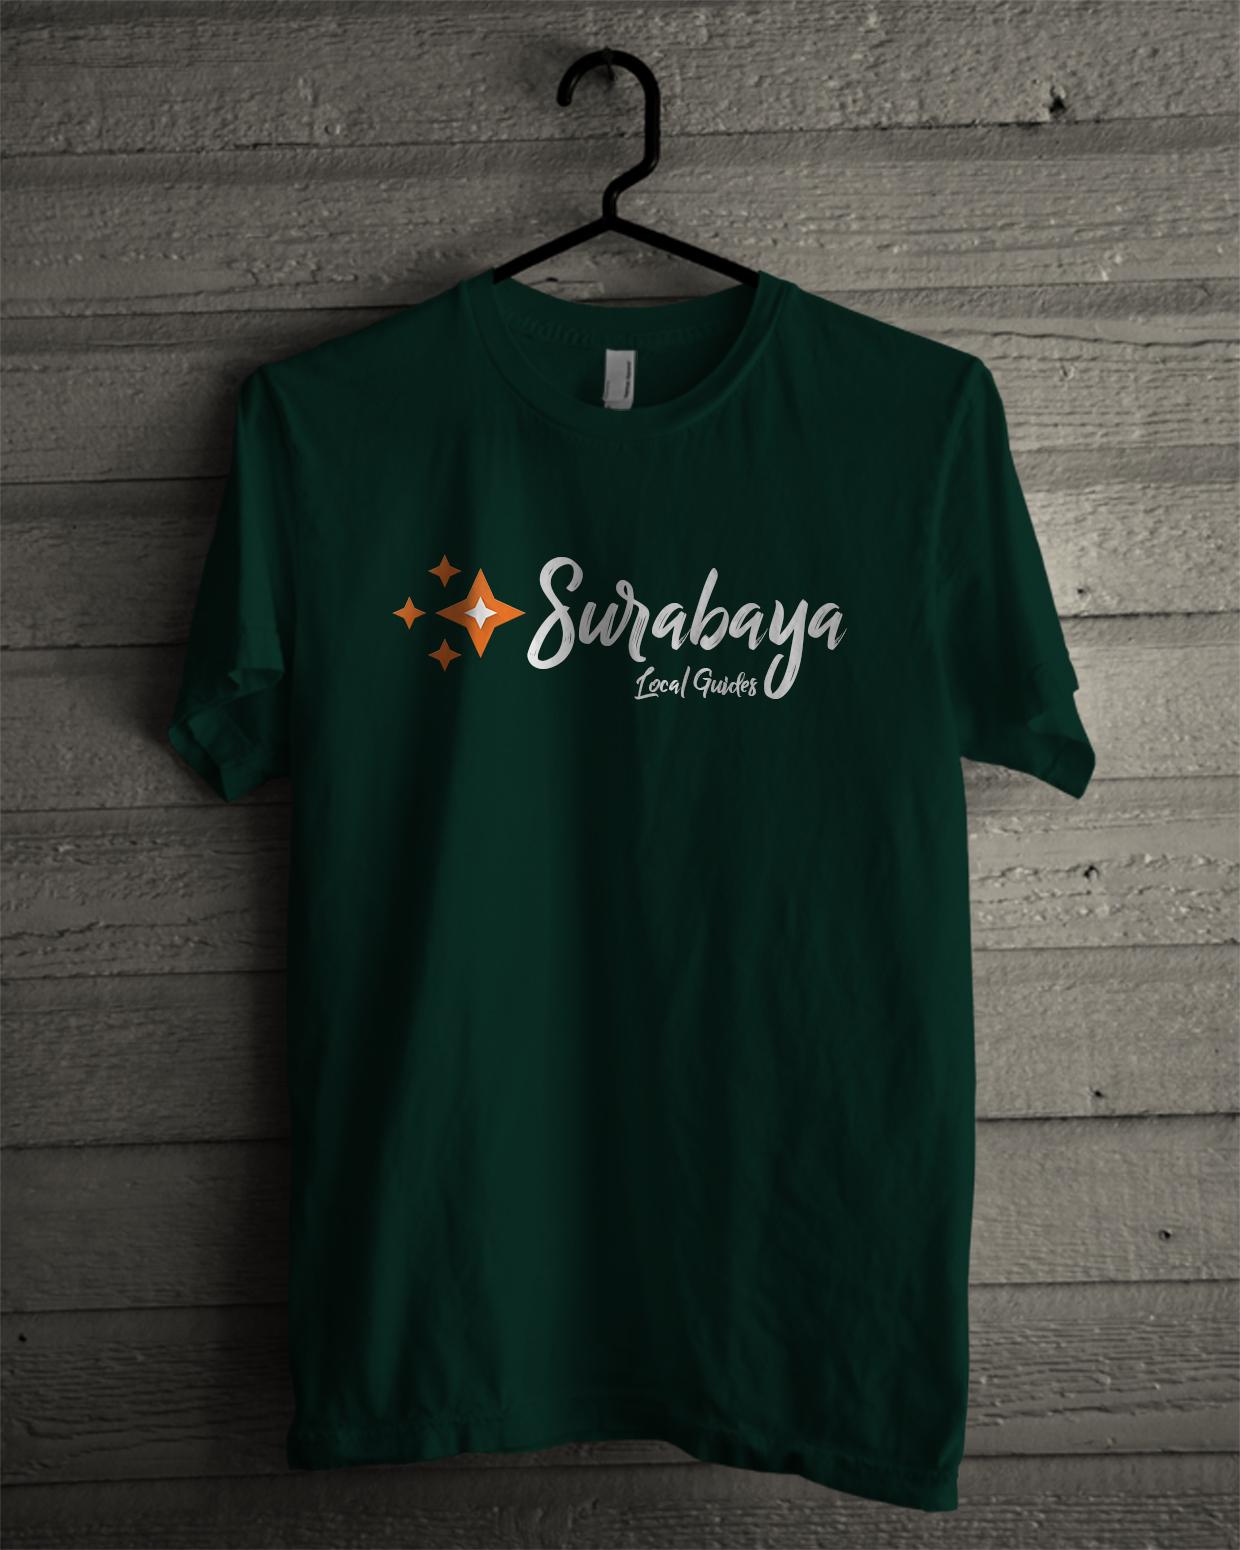 Black t shirt tambah lagi - Setelah Memproduksi Official Tshirt Local Guides Indonesia Beberapa Bulan Yang Lalu Kali Ini Komunitas Local Guides Surabaya Akan Memproduksi Lagi Kaos